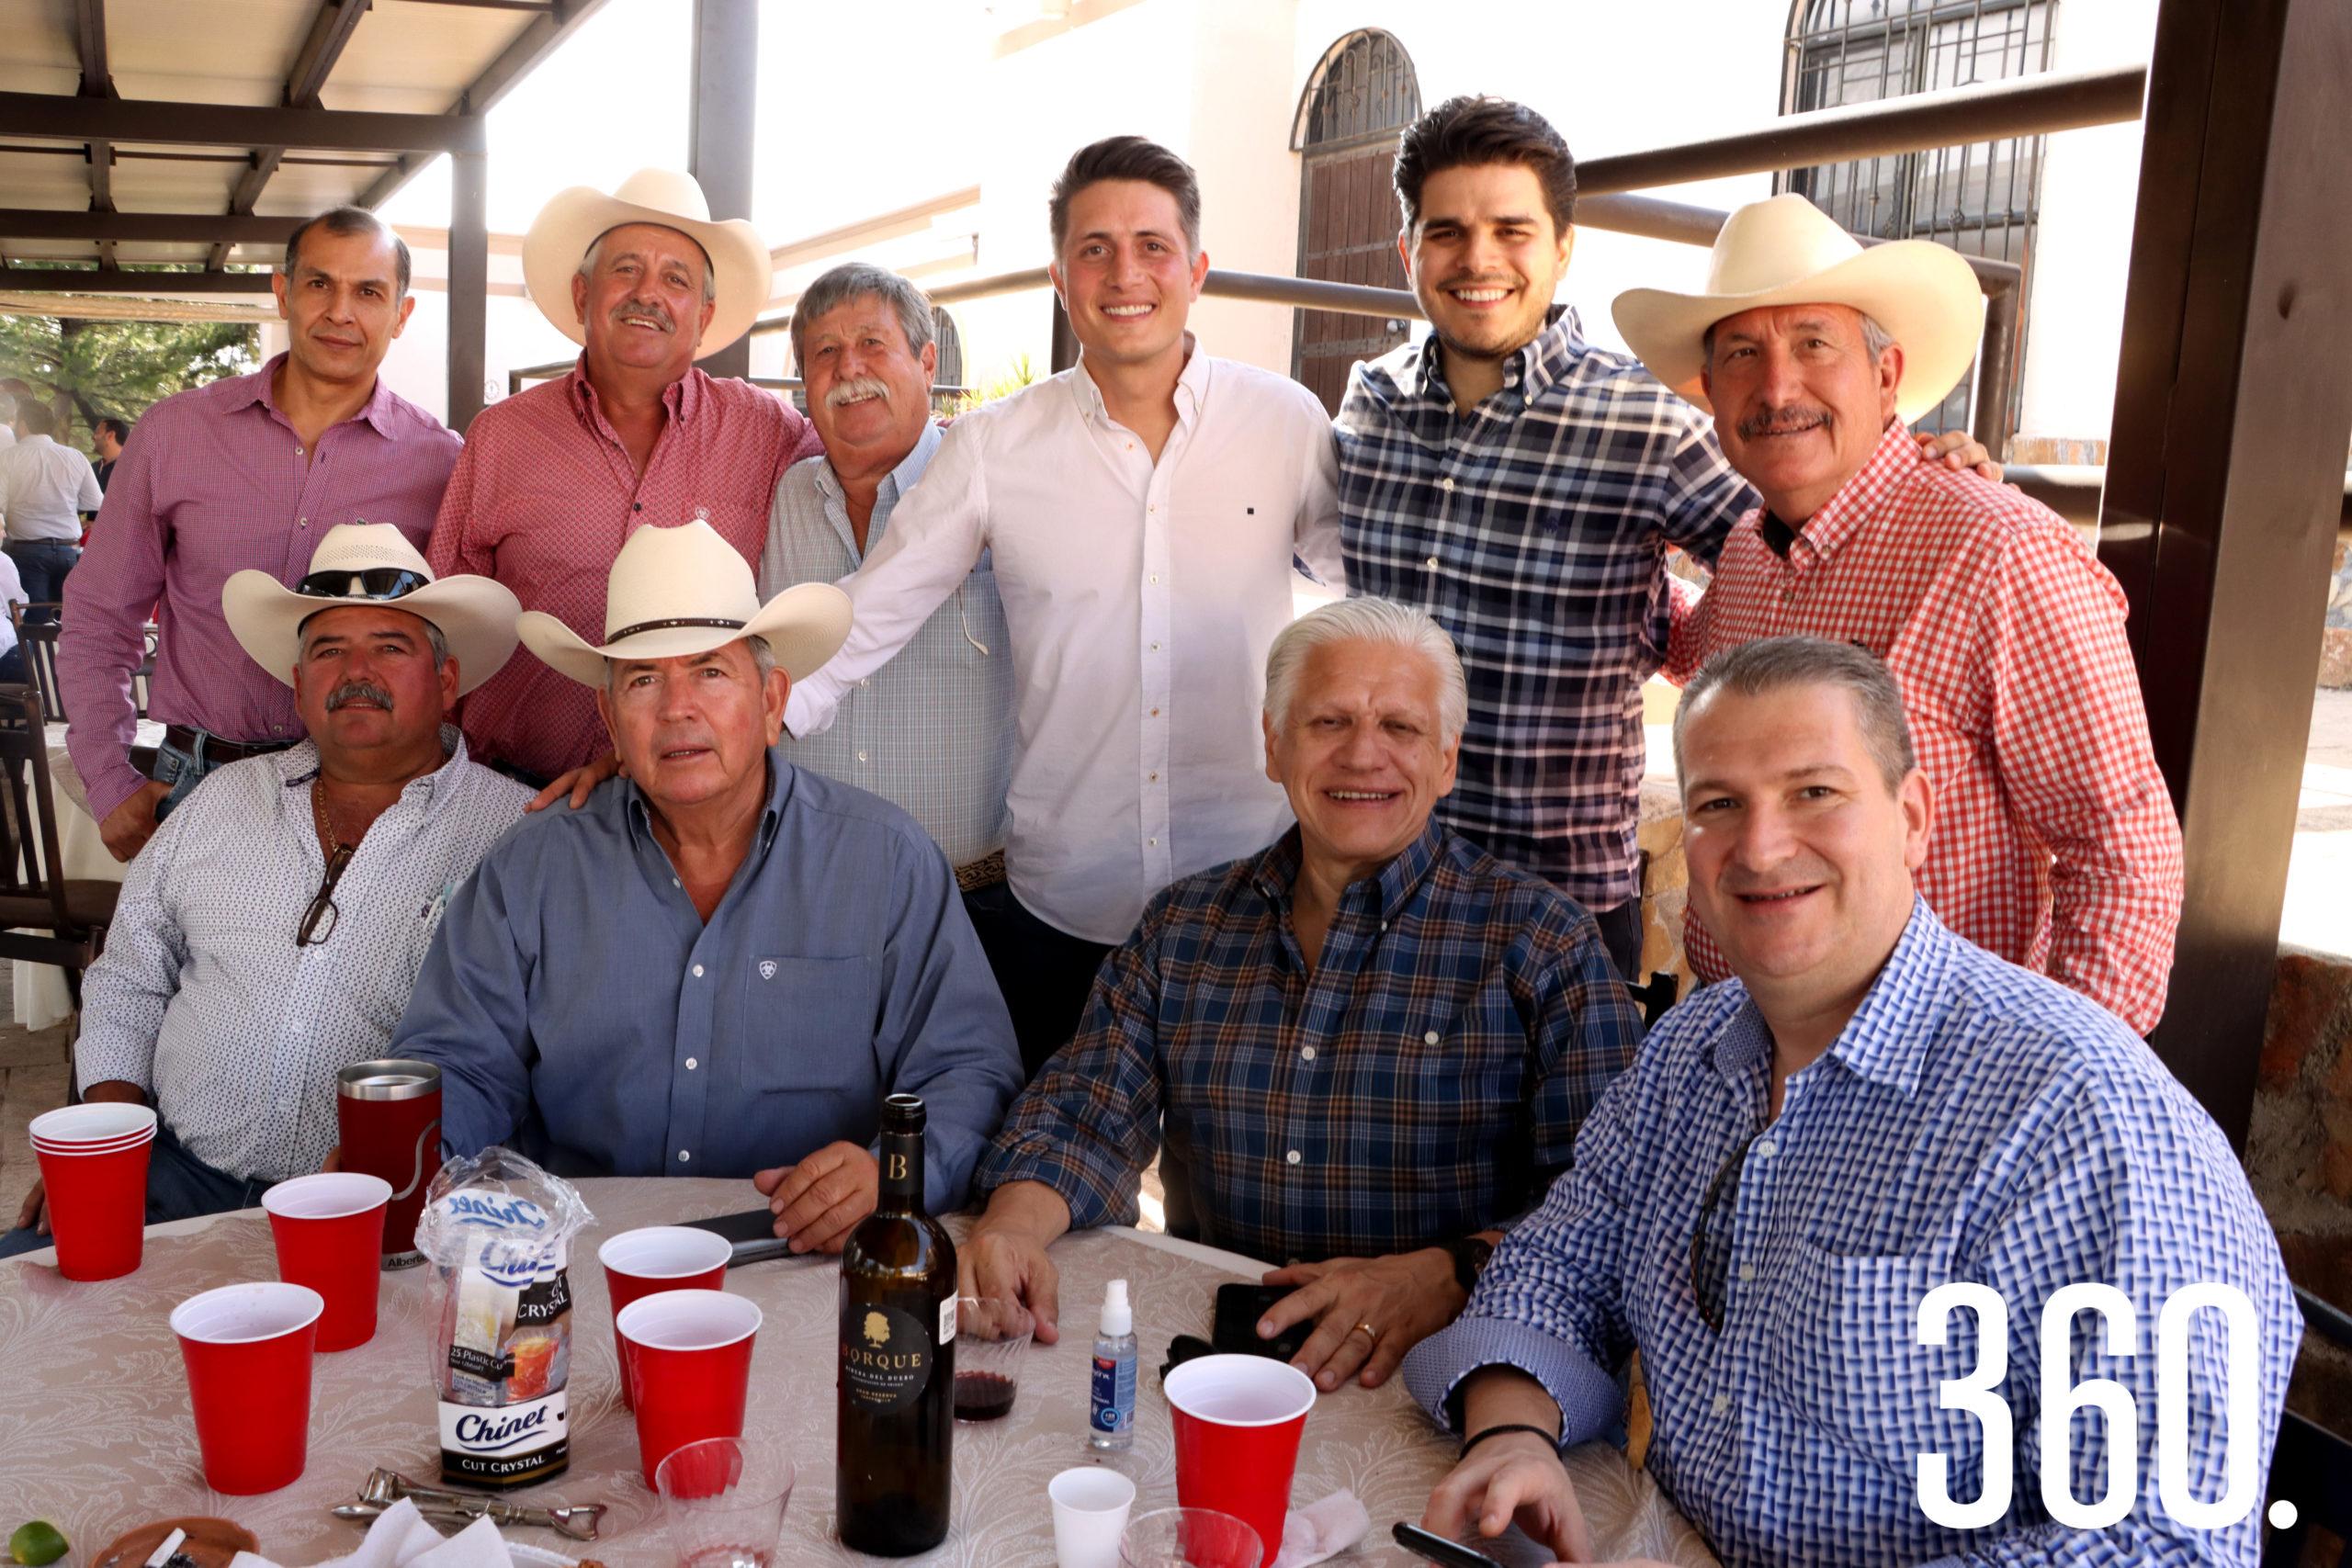 El festejado acompañado por su papá, Alberto Prado Delgado, su suegro, Enrique Castillo, y amigos de su papá.